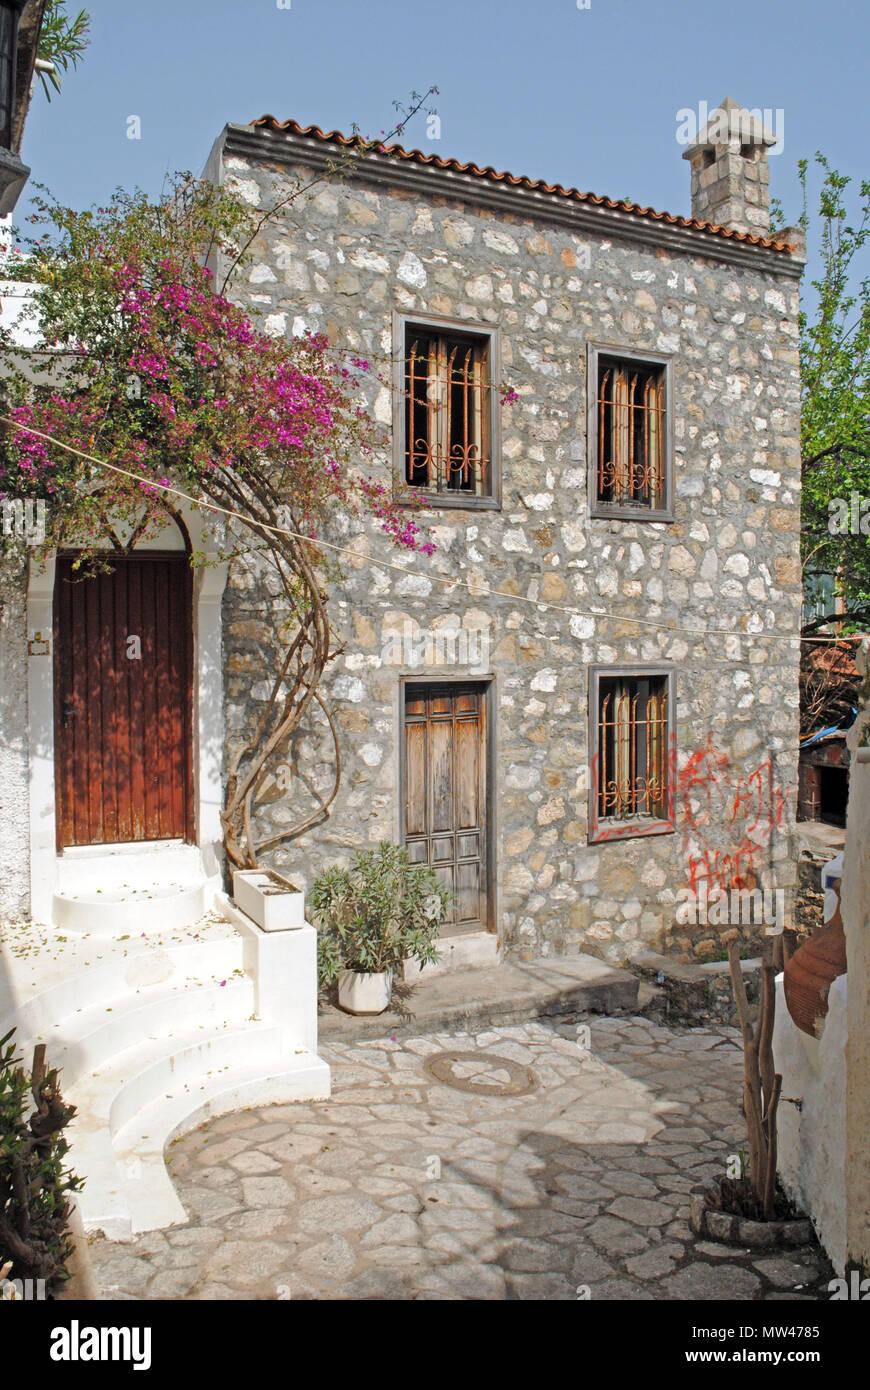 Traditionelle Mediterrane Hauser Und Engen Gassen In Der